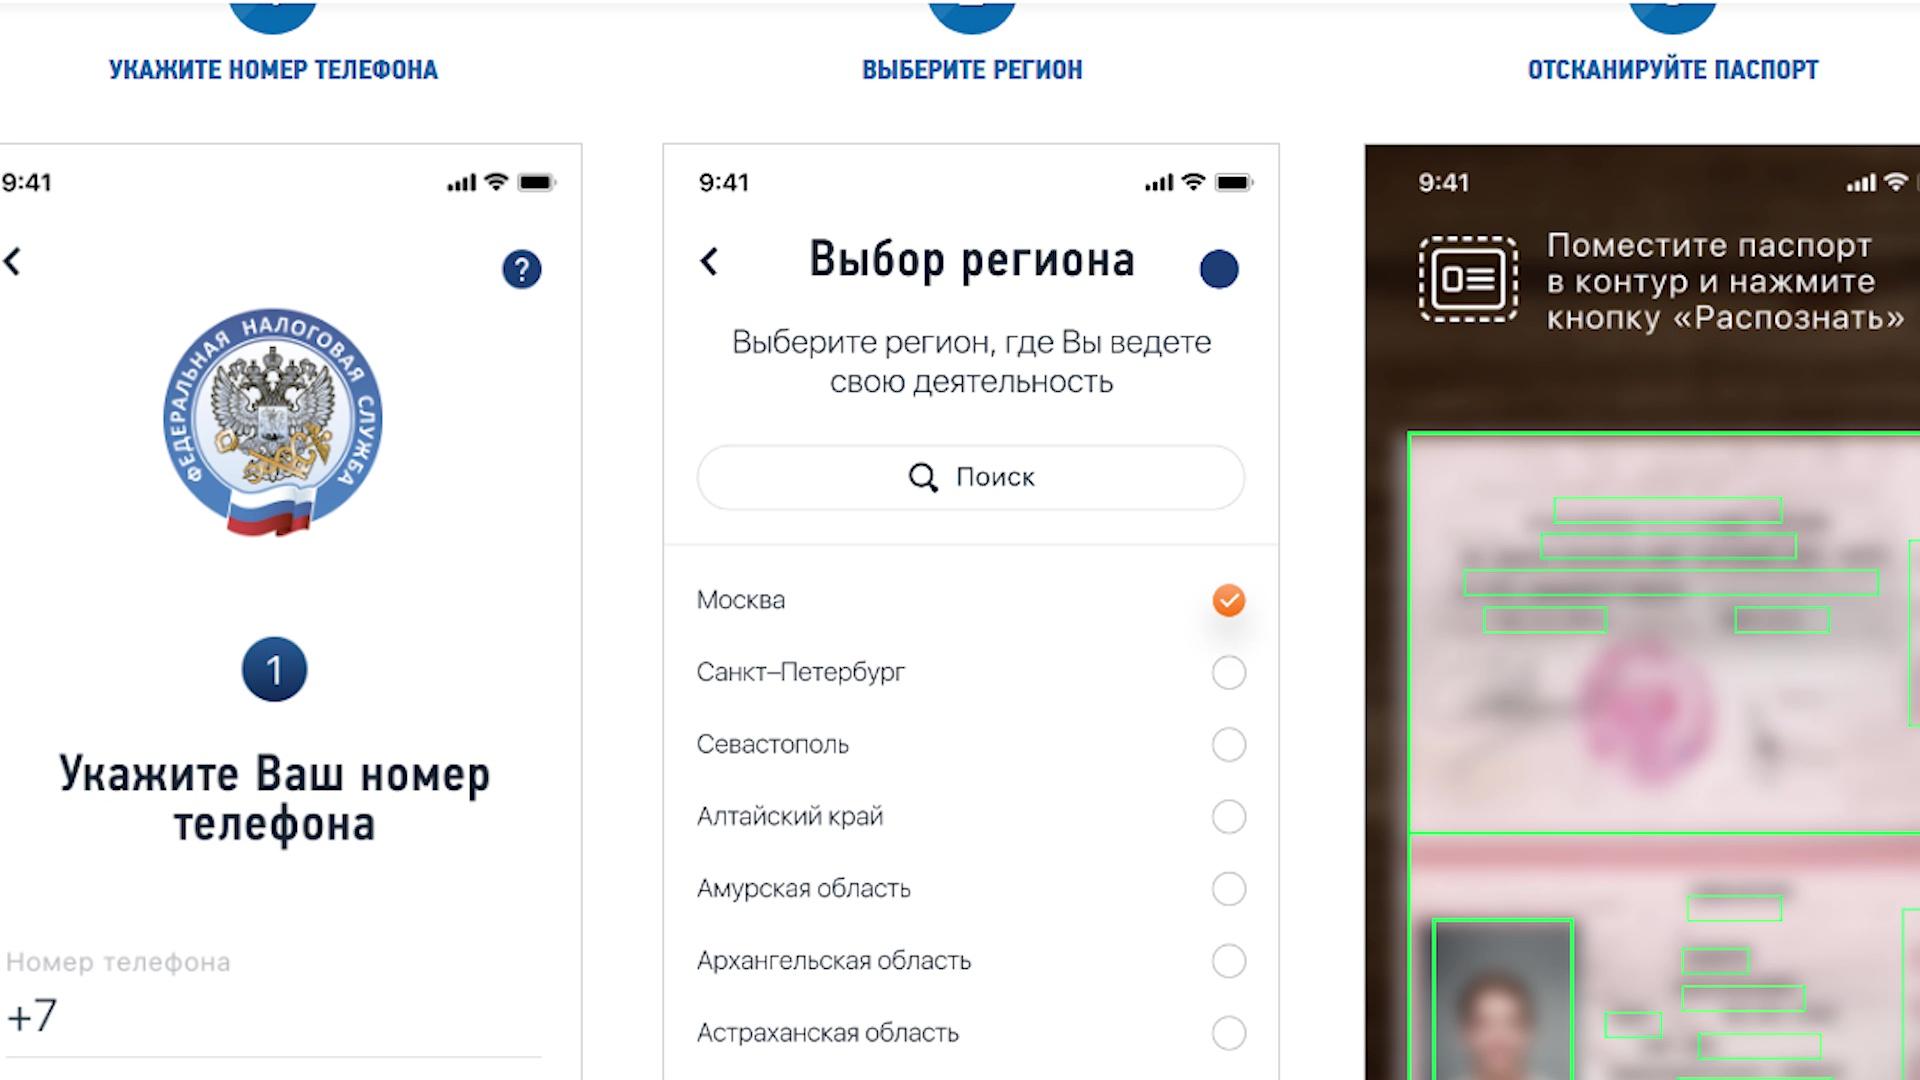 «Финансовая экспертиза»: в Ярославской области начал действовать налоговый режим для самозанятых